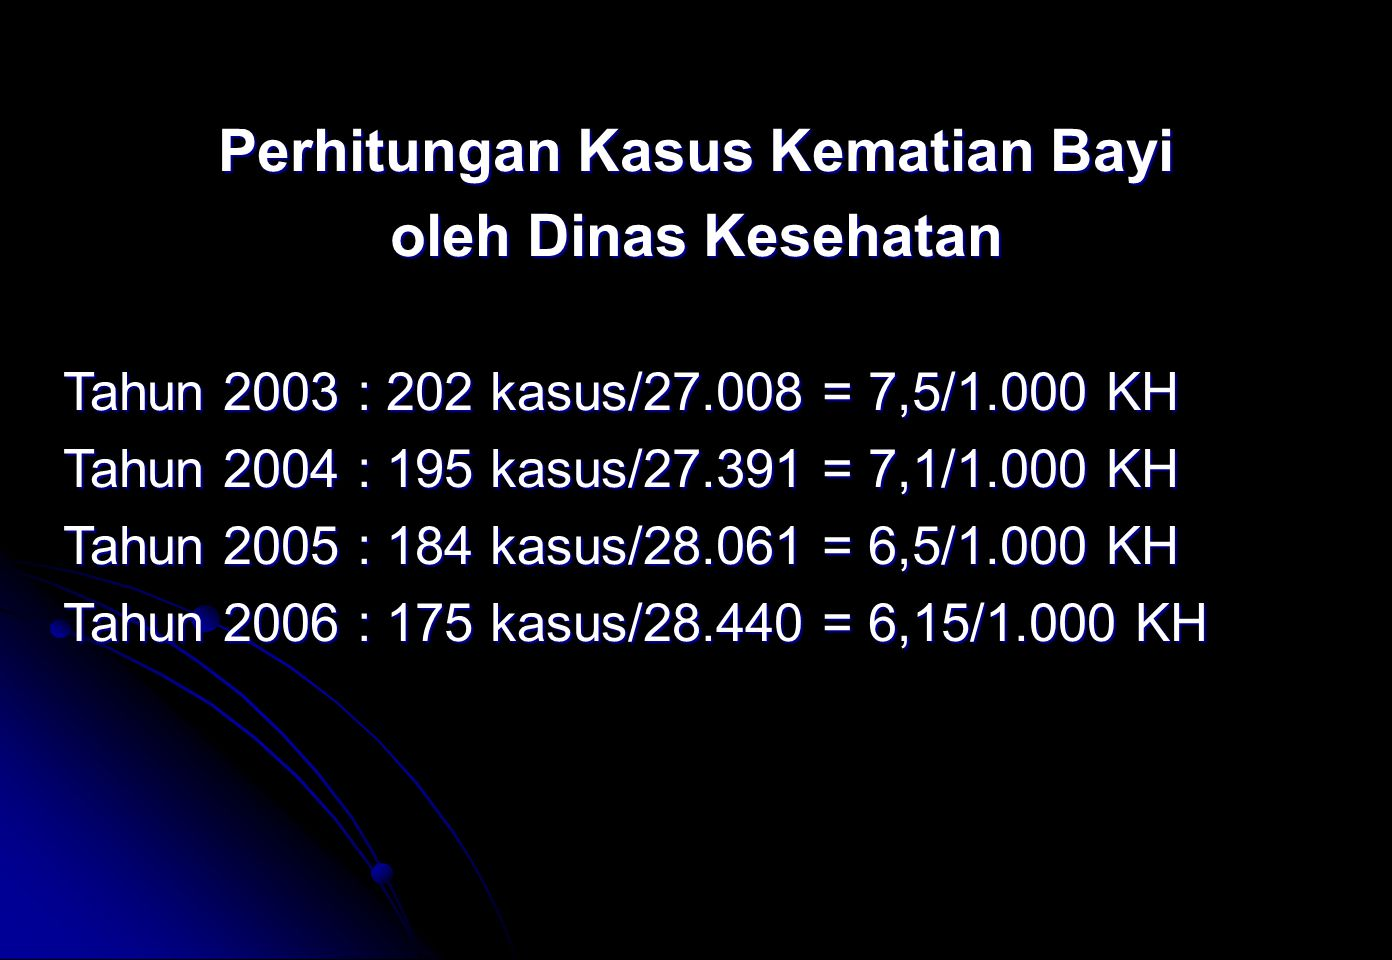 Perhitungan Kasus Kematian Bayi oleh Dinas Kesehatan Tahun 2003 : 202 kasus/27.008 = 7,5/1.000 KH Tahun 2004 : 195 kasus/27.391 = 7,1/1.000 KH Tahun 2